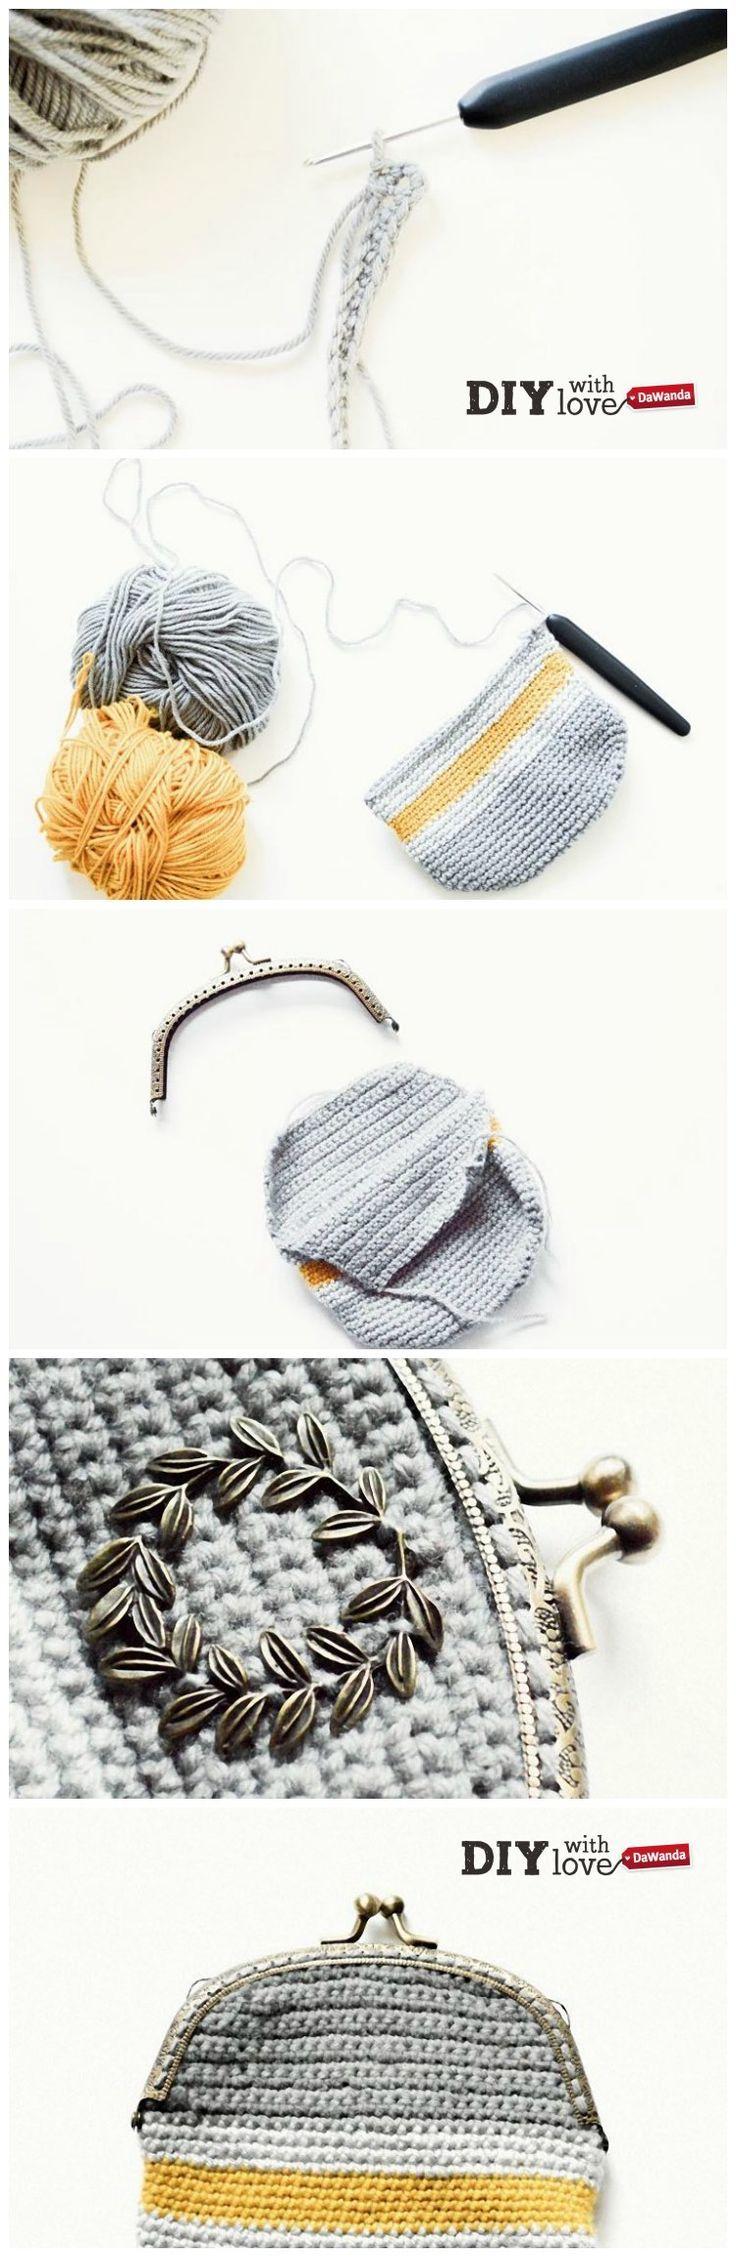 Un romantico borsellino crochet con chiusura clic clac: impara a realizzarlo con il nostro tutorial! http://it.dawanda.com/tutorial-fai-da-te/uncinetto/come-fare-borsellino-uncinetto-chiusura-clic-clac